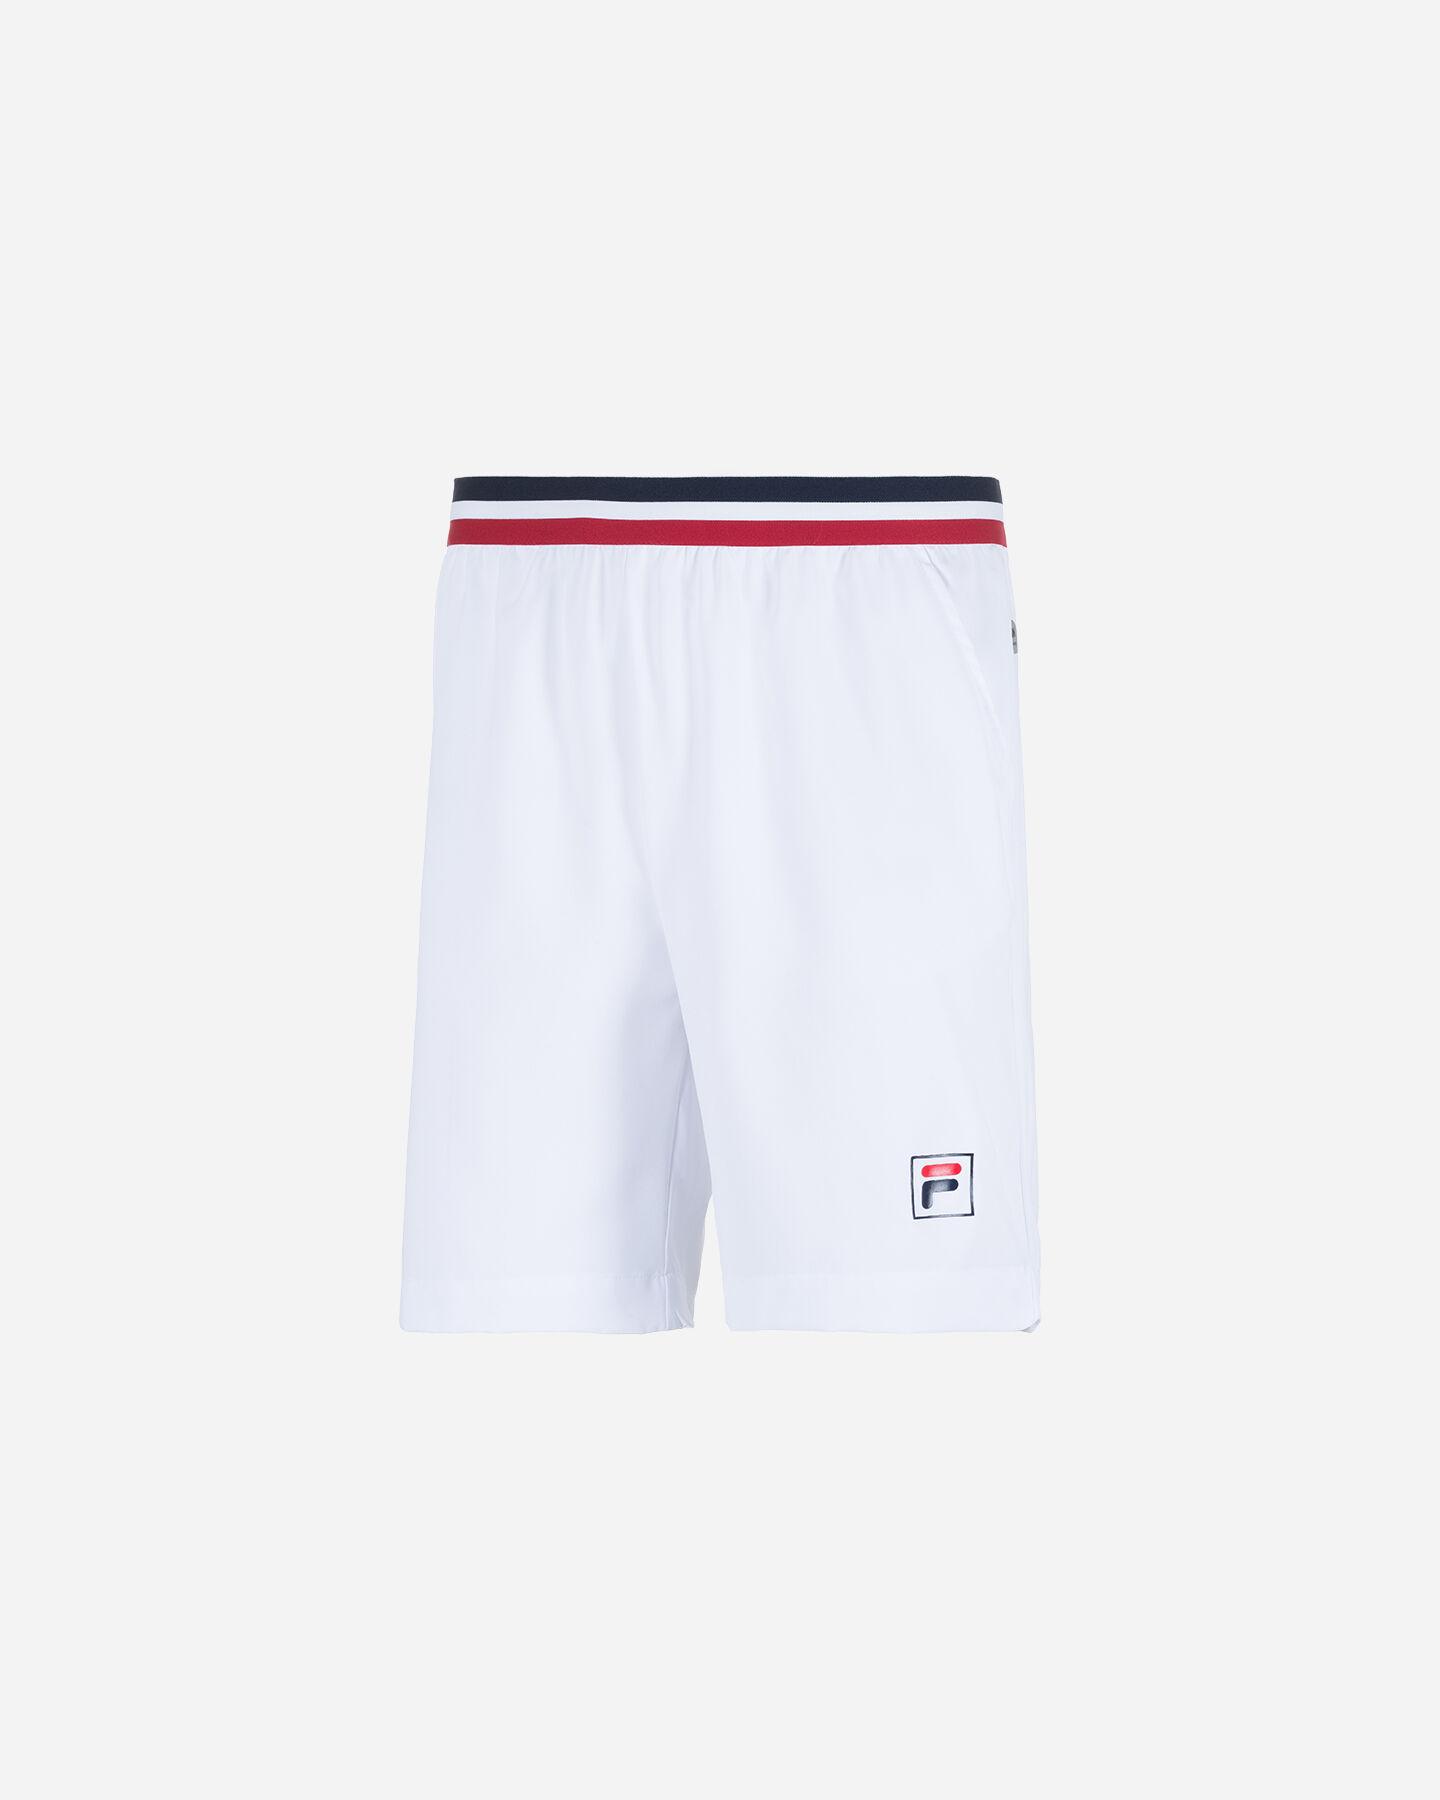 Pantaloncini tennis FILA CLASSIC TENNIS M S4075798 scatto 4